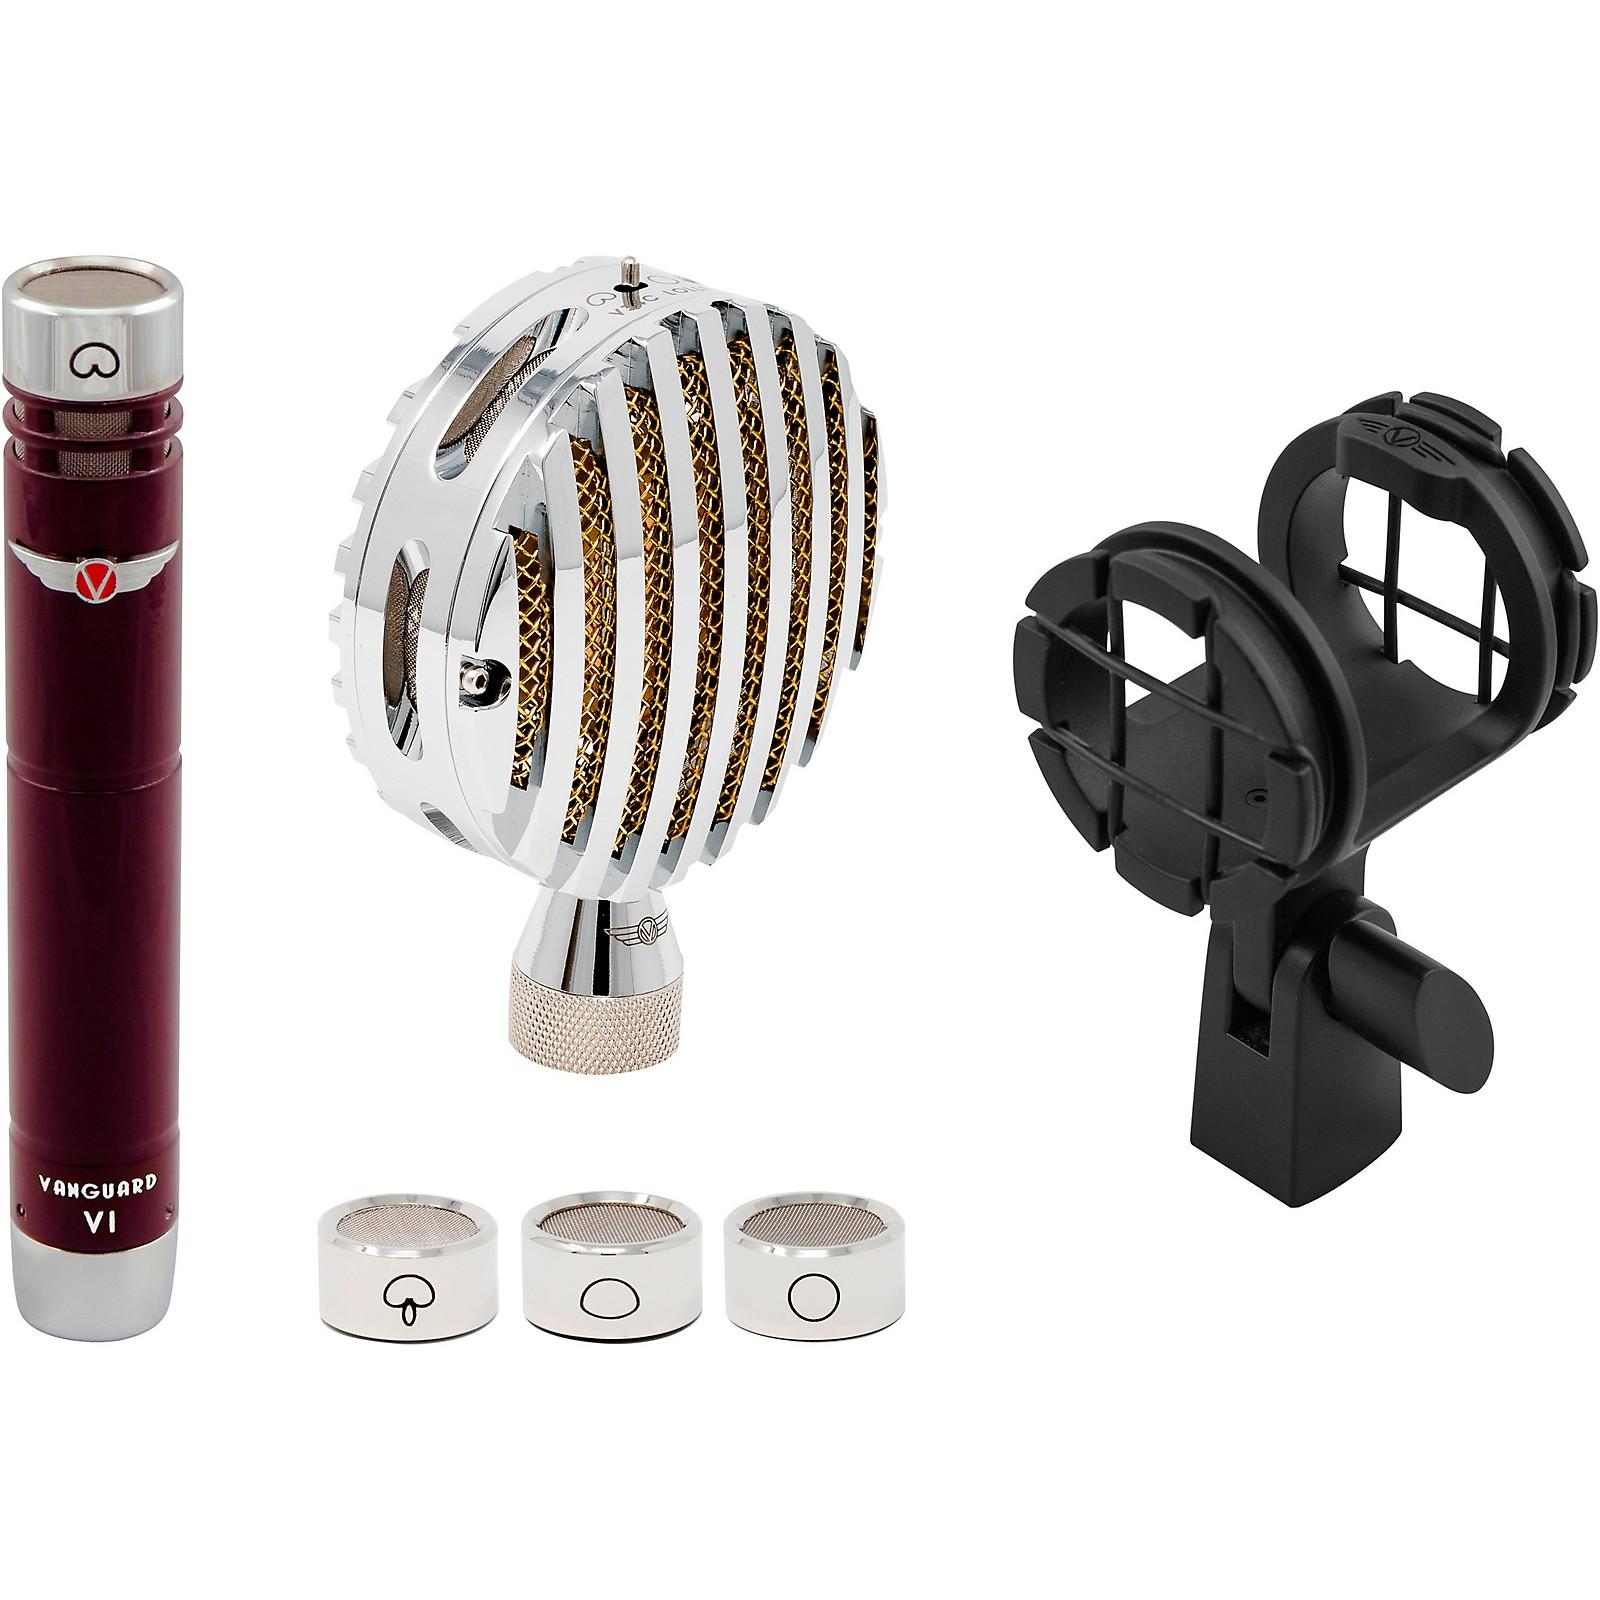 Vanguard Audio Labs V1 + Lolli Multi-Capsule Pencil Condenser Microphone Kit